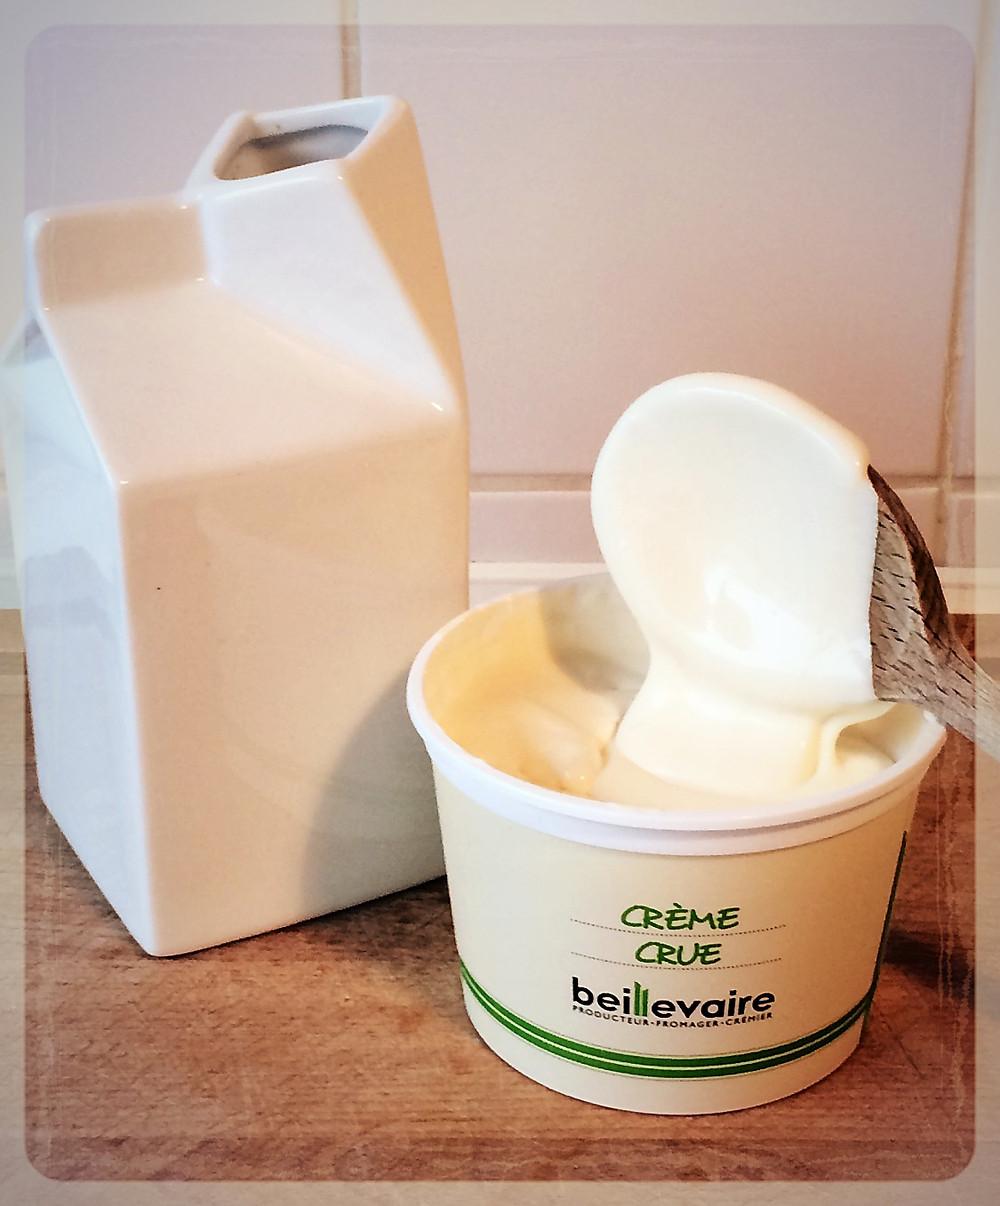 La crème crue Beillevaire ©Clémentine Chauveau